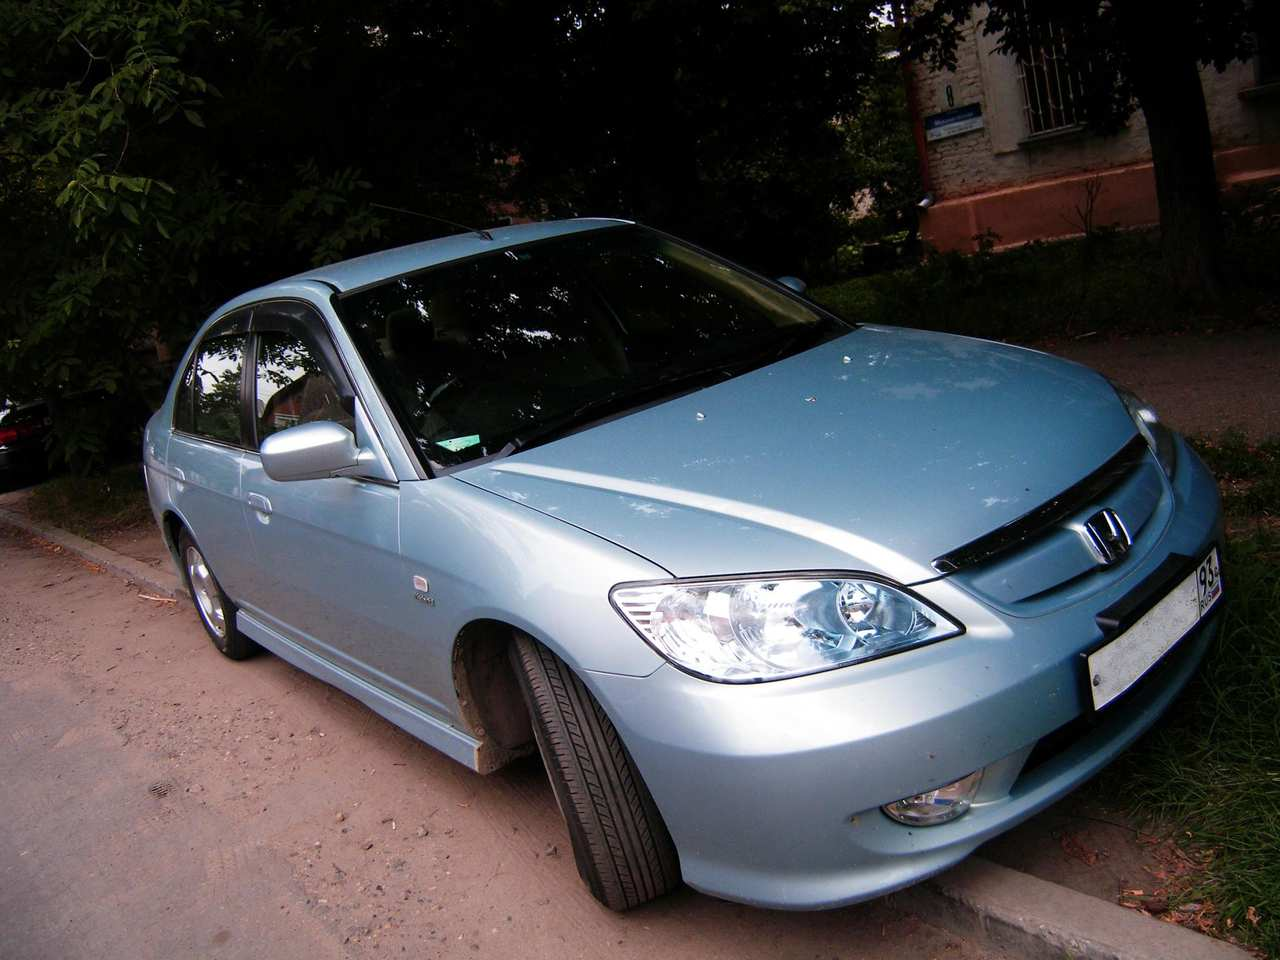 Marvelous 2004 Honda Civic Hybrid Wallpapers